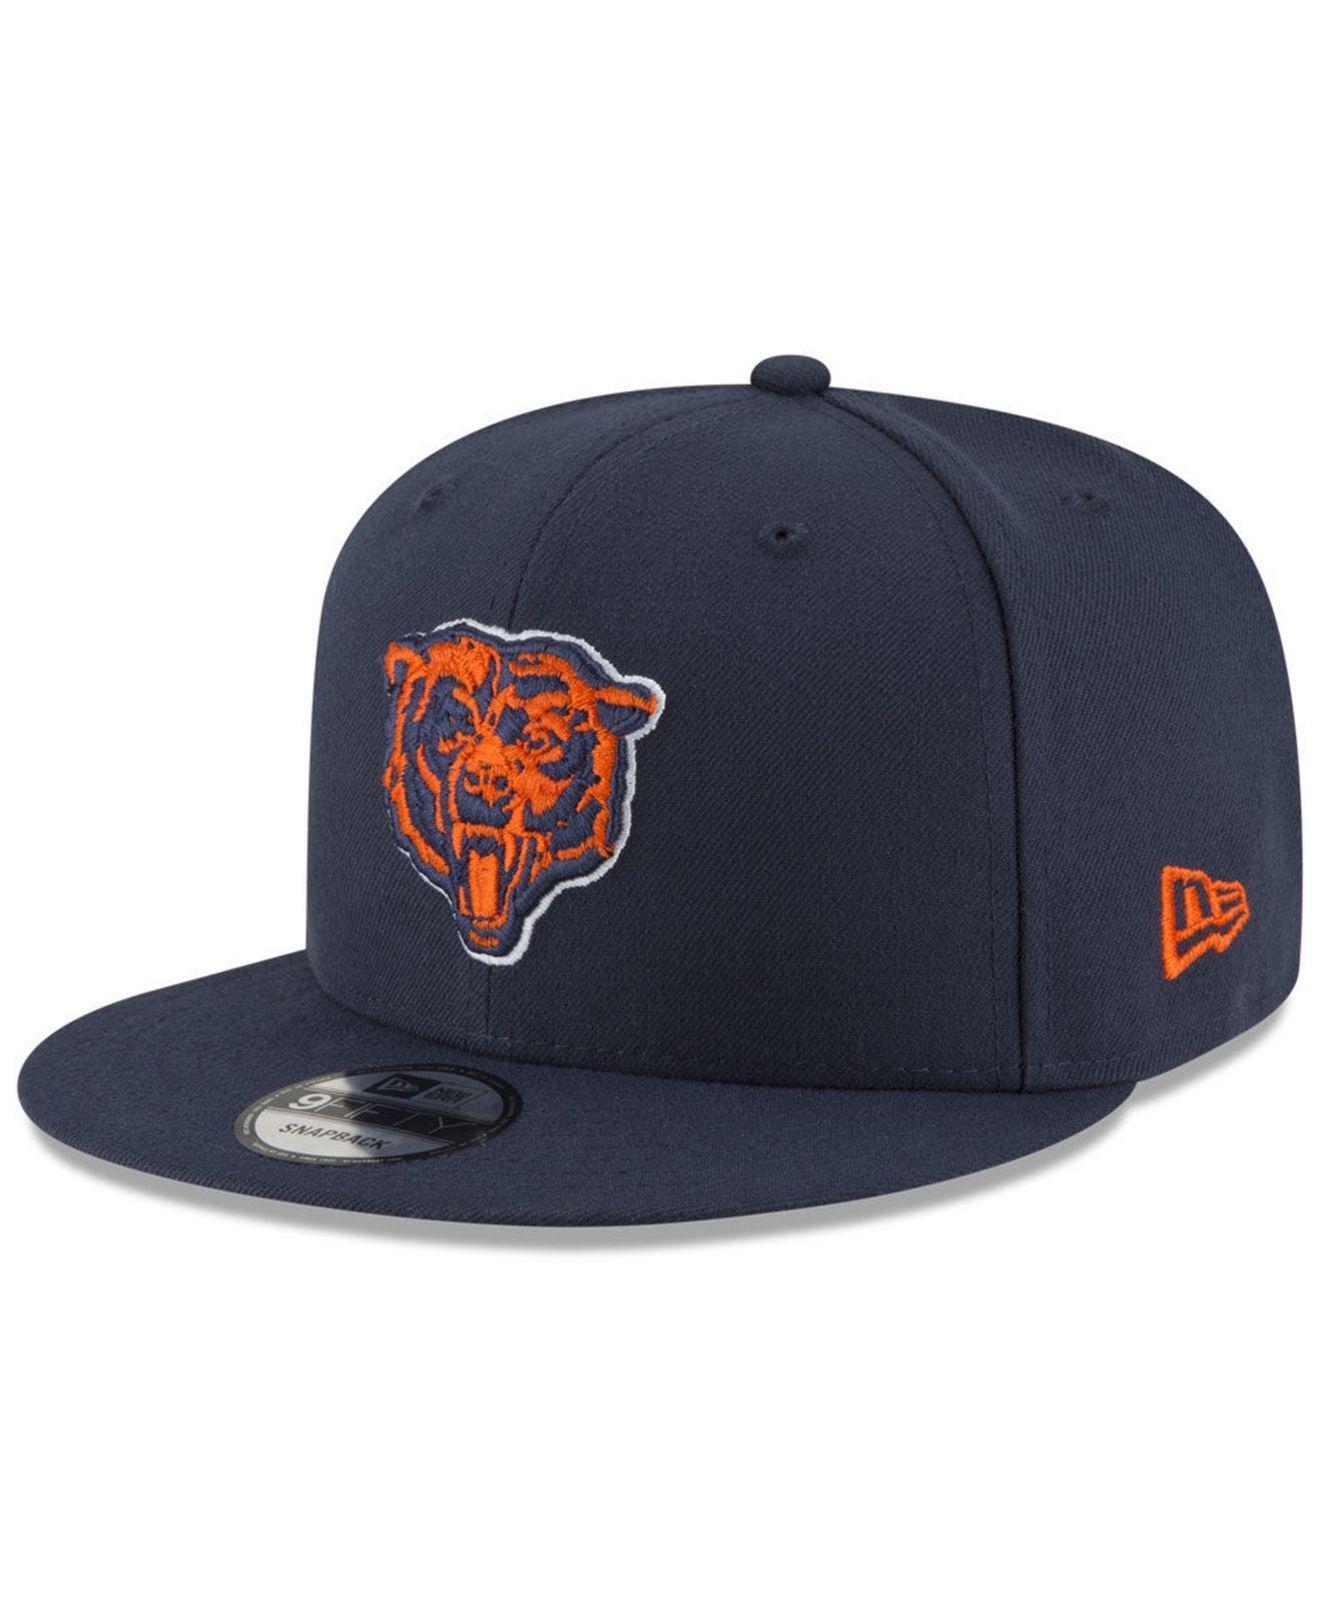 36da72291ec Lyst - Ktz Chicago Bears Basic 9fifty Snapback Cap in Blue for Men